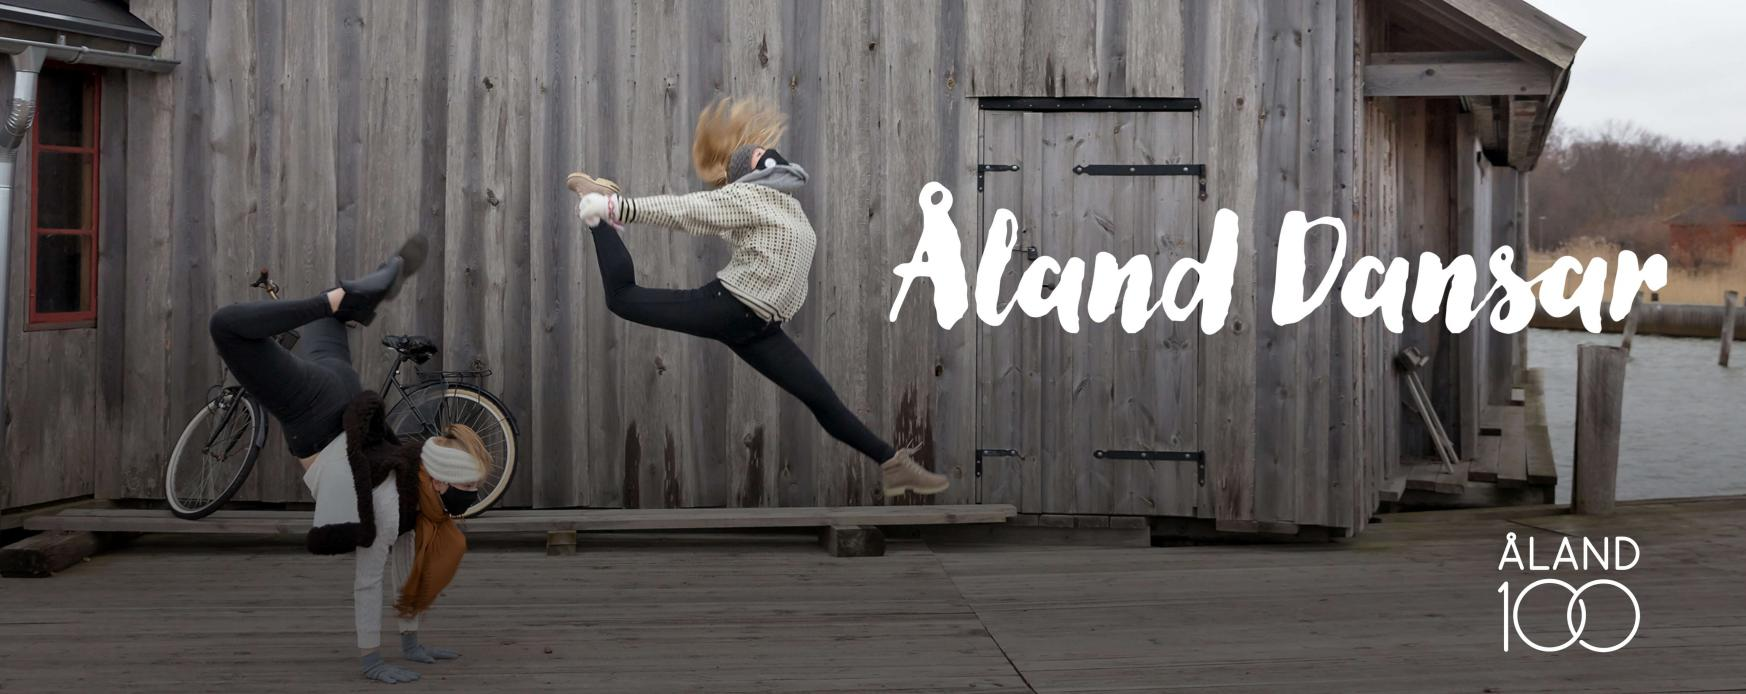 Bilden visar en av dans-övningarna inför inspelningen av Åland Dansar. Foto: Tinca Björke för Nordens institut på Åland.